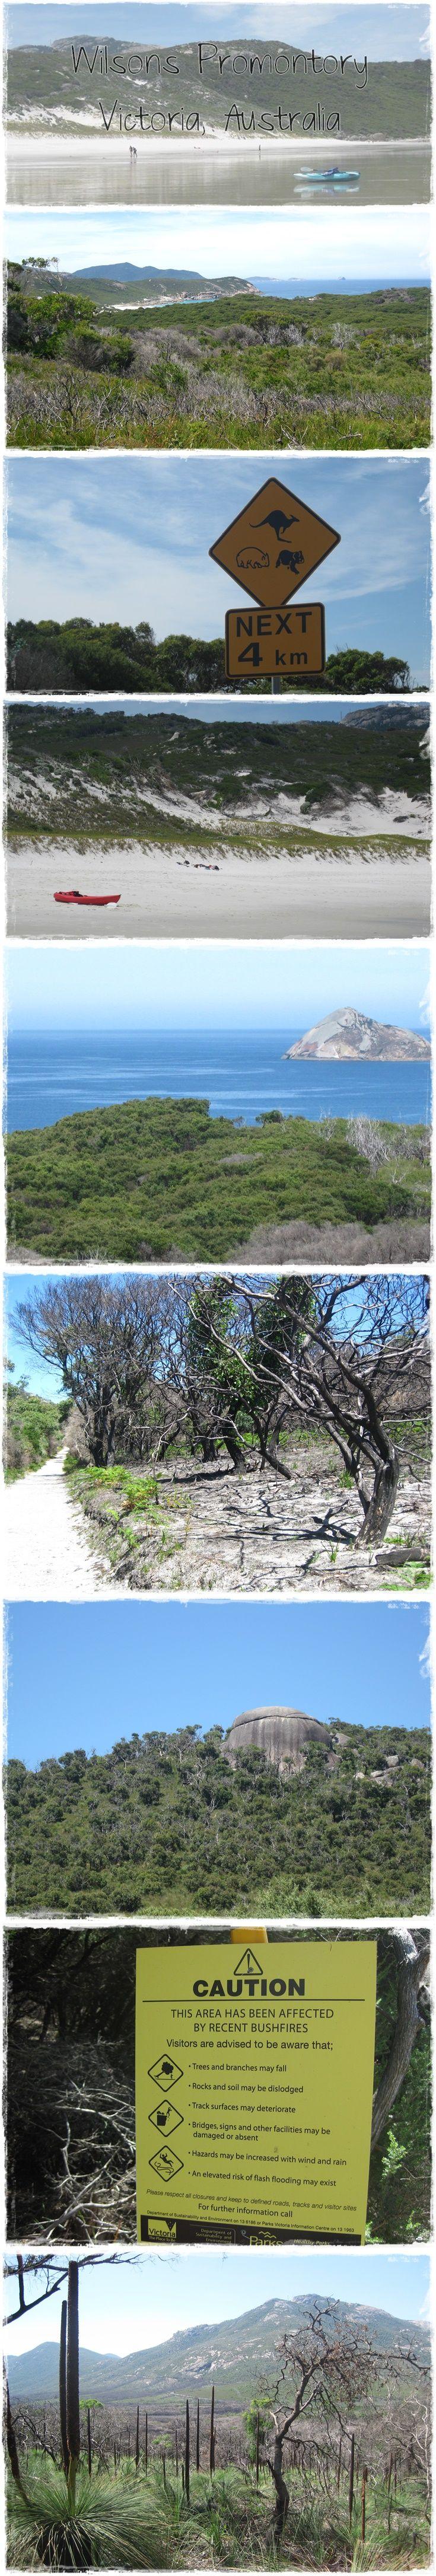 Wilsons Promontory, Victoria, Australie Roadtrip en famille  www.lagrandederoute.com